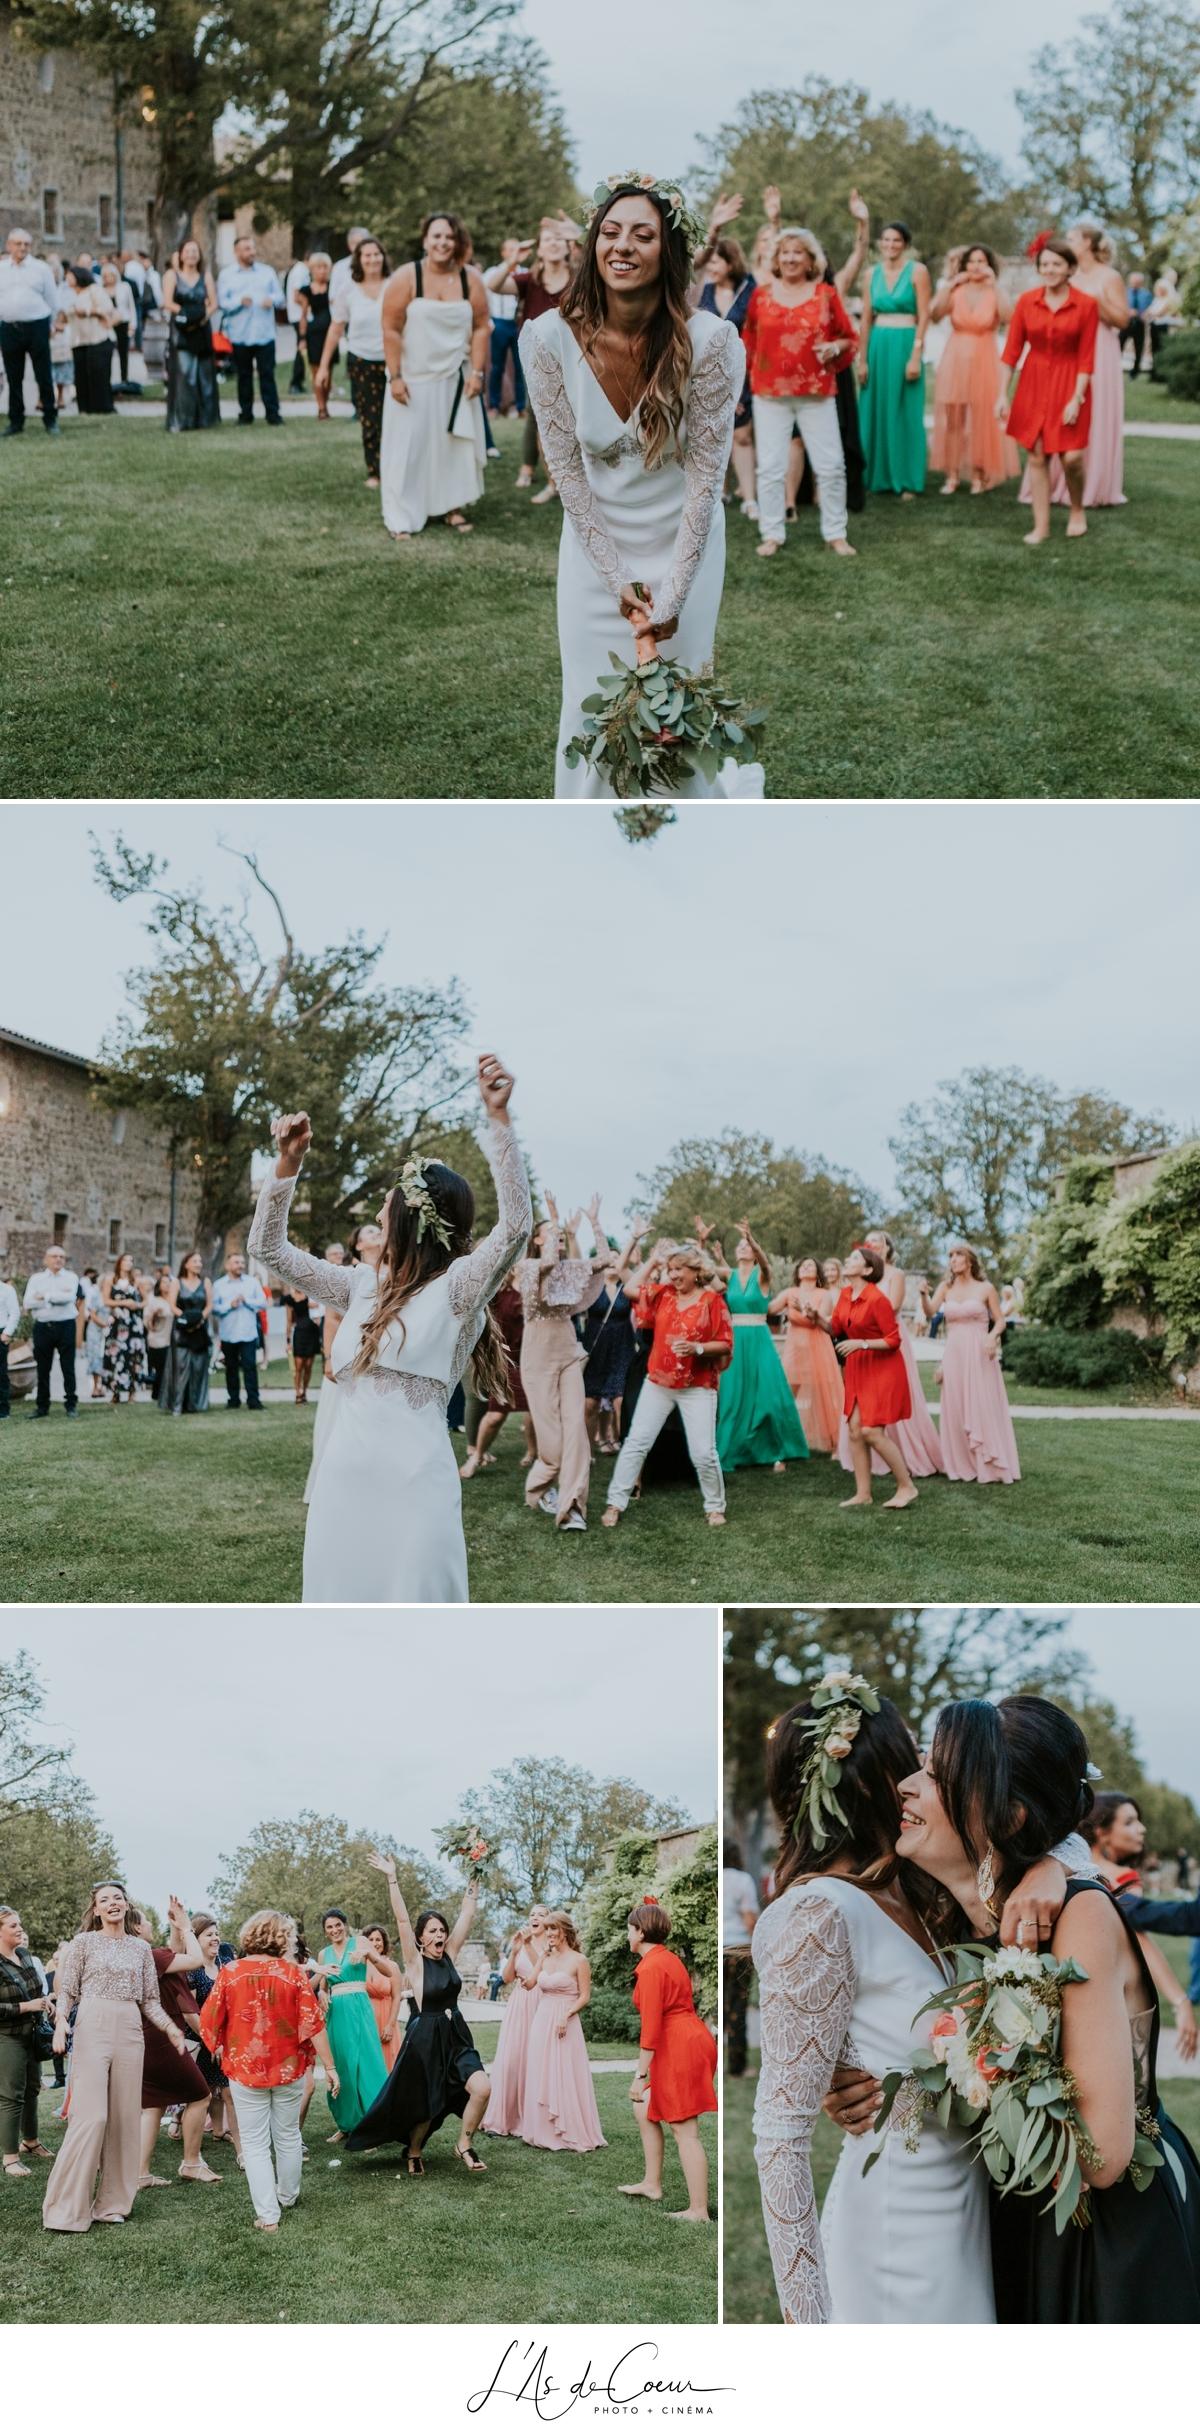 lancé de bouquet Mariage bohème château de la Gallée photographe Mariage Lyon ©lasdecoeur